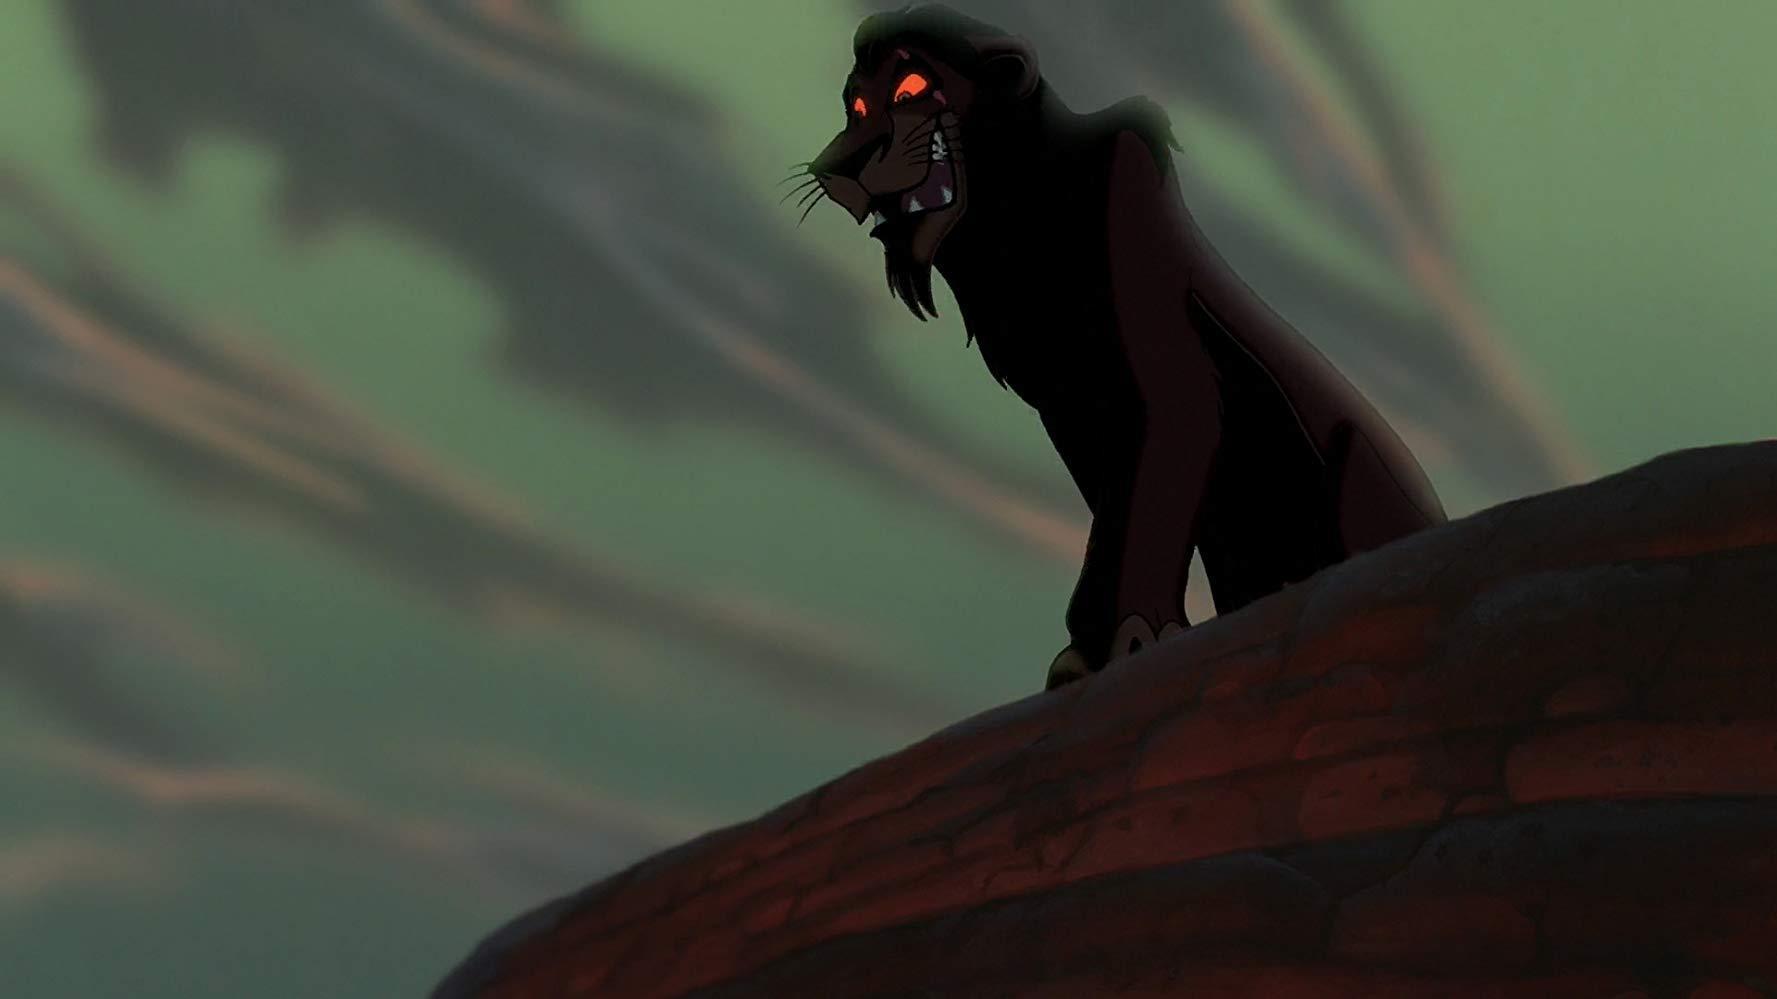 مشاهدة فيلم The Lion King 2 Simba's Pride 1998 HD مترجم كامل اون لاين